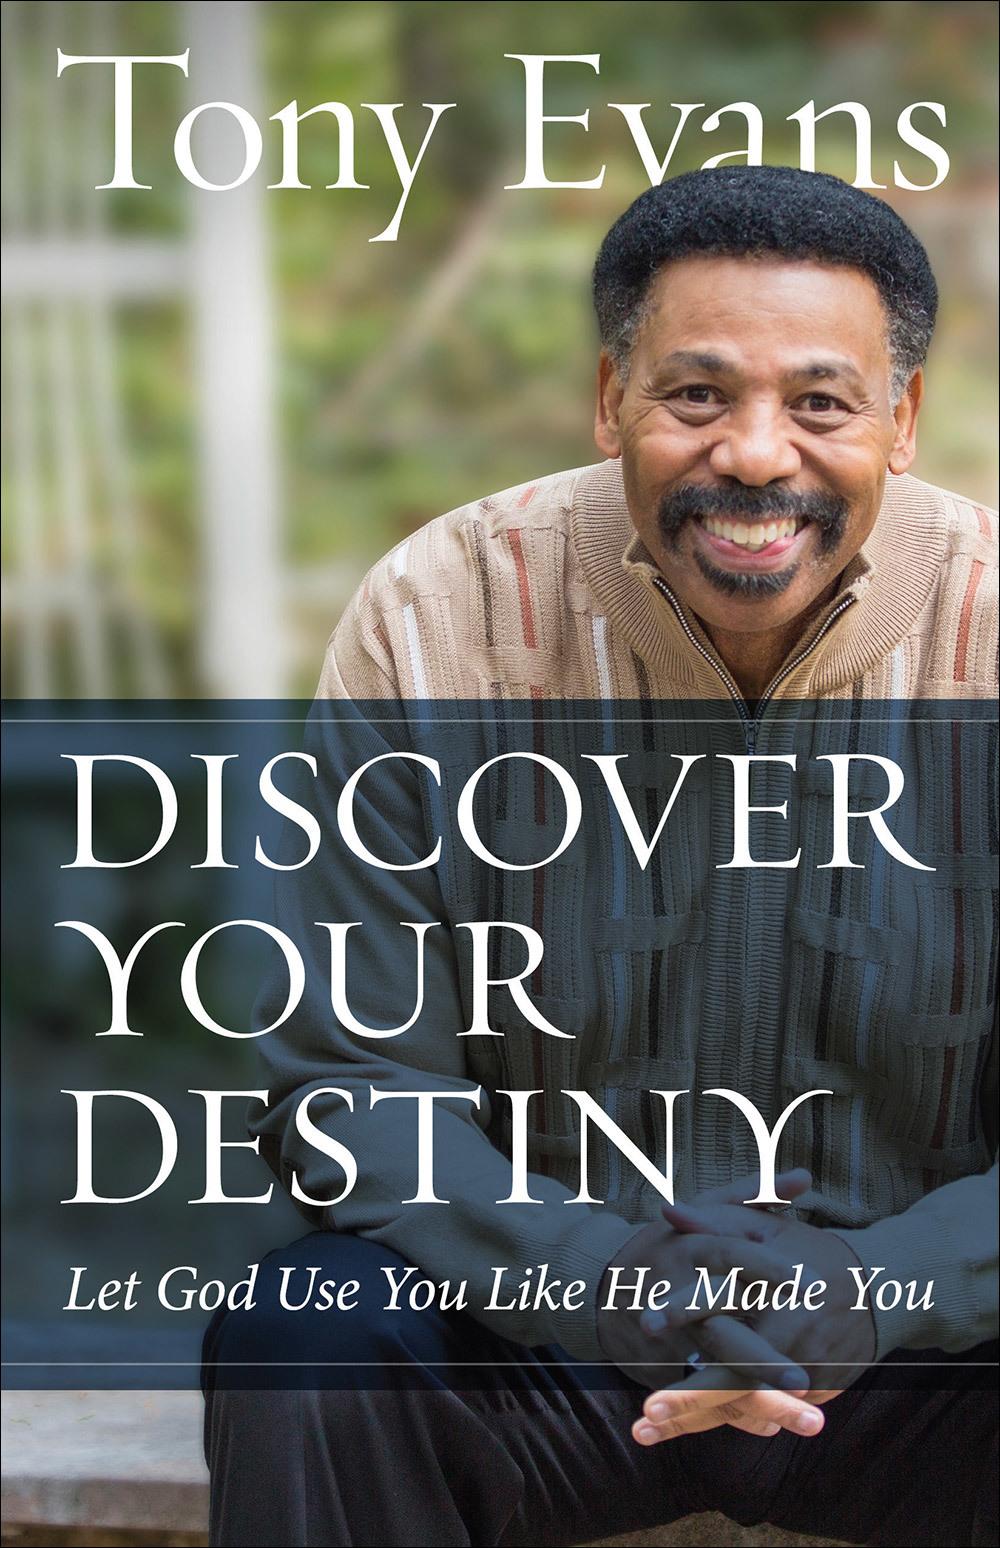 Destiny-Let-God-Use-You-Like-He-Made-You